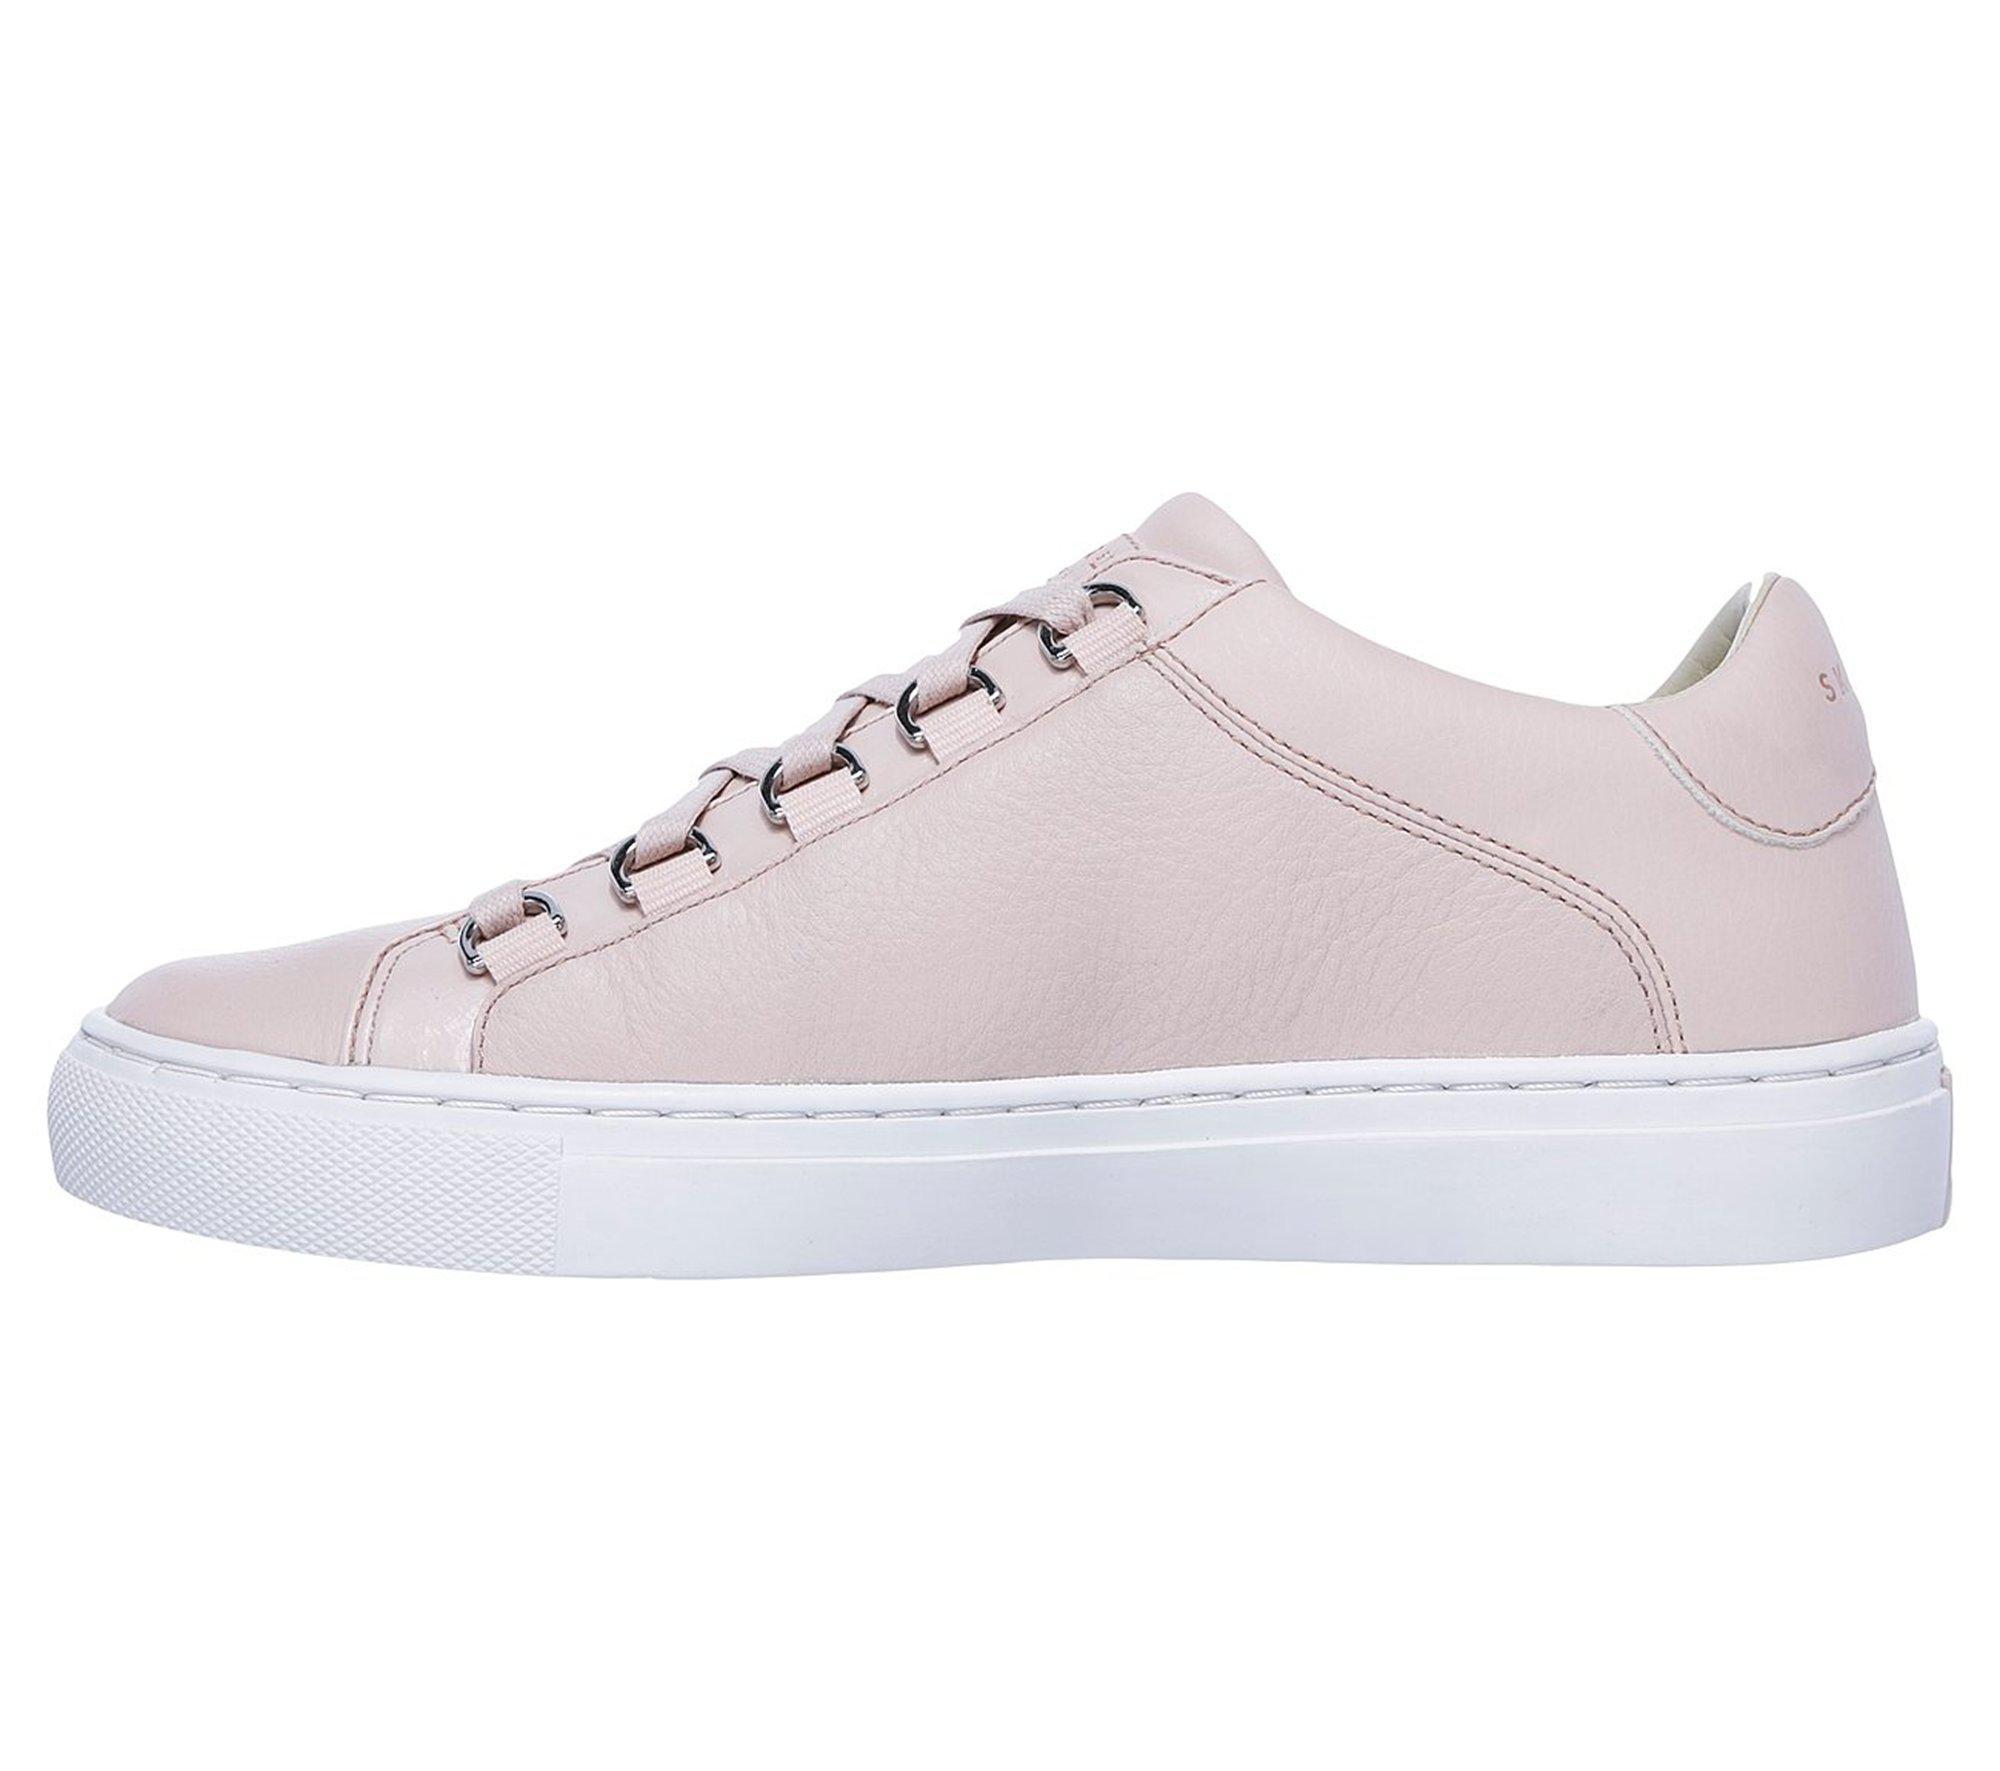 916ea00b17b4 Lyst - Skechers Side Street - Core-set in Pink